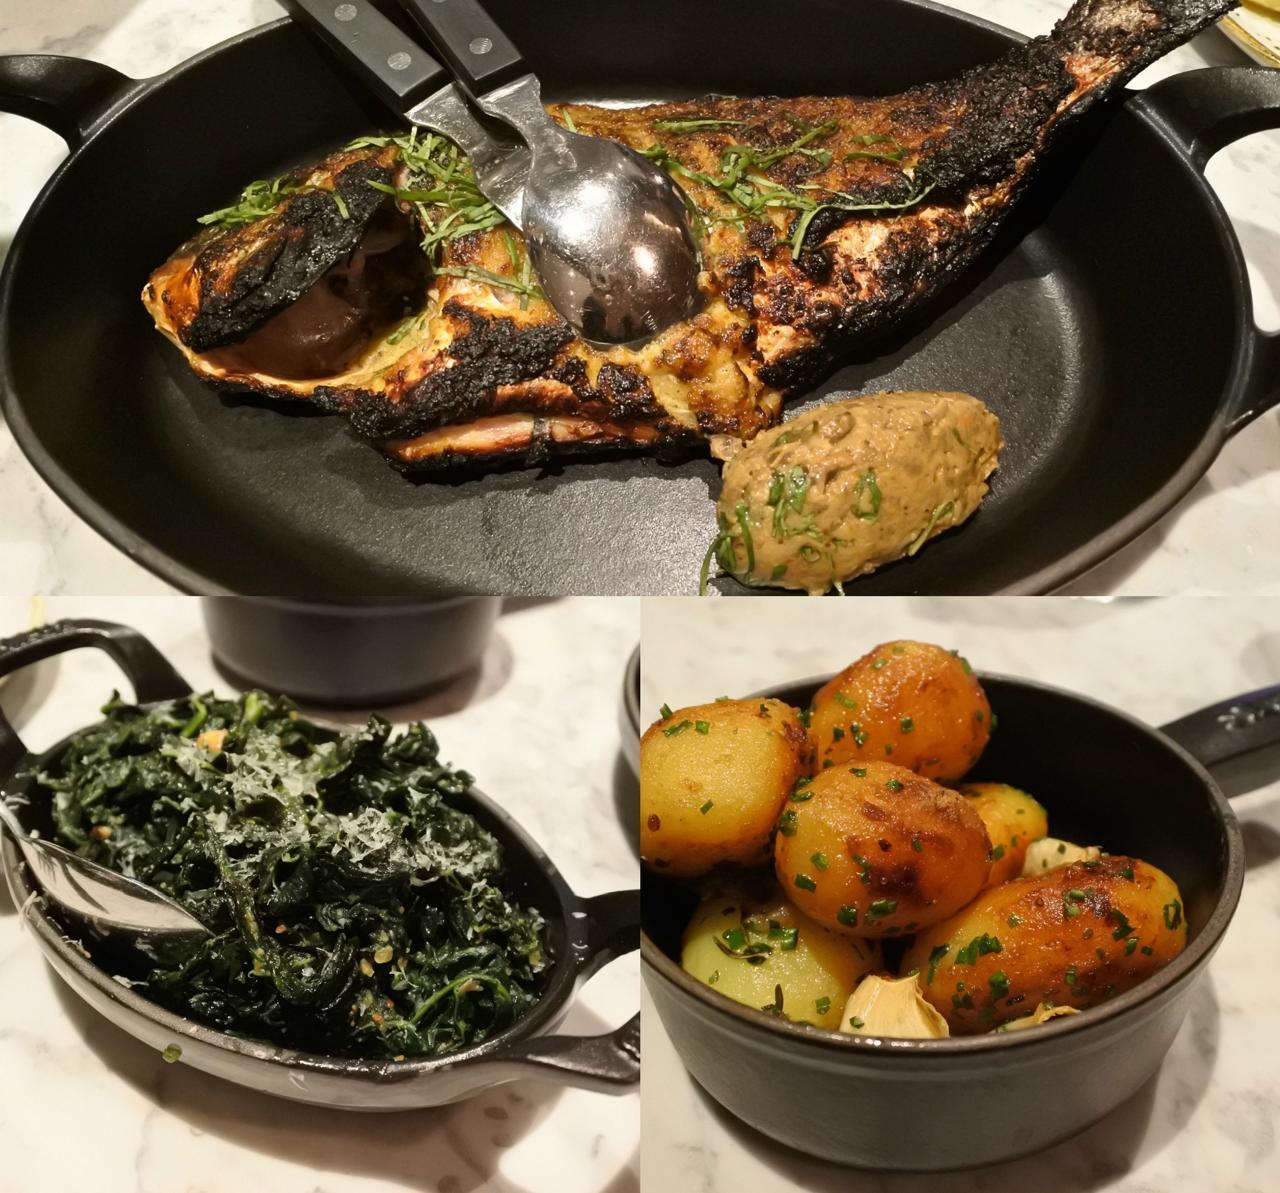 尾頭付き鯛のロースト(上)、ヘーゼルナッツのペスト・ソースで味付けしたカーボロ・ネロ(左下)、ポテトのフライ(右下)